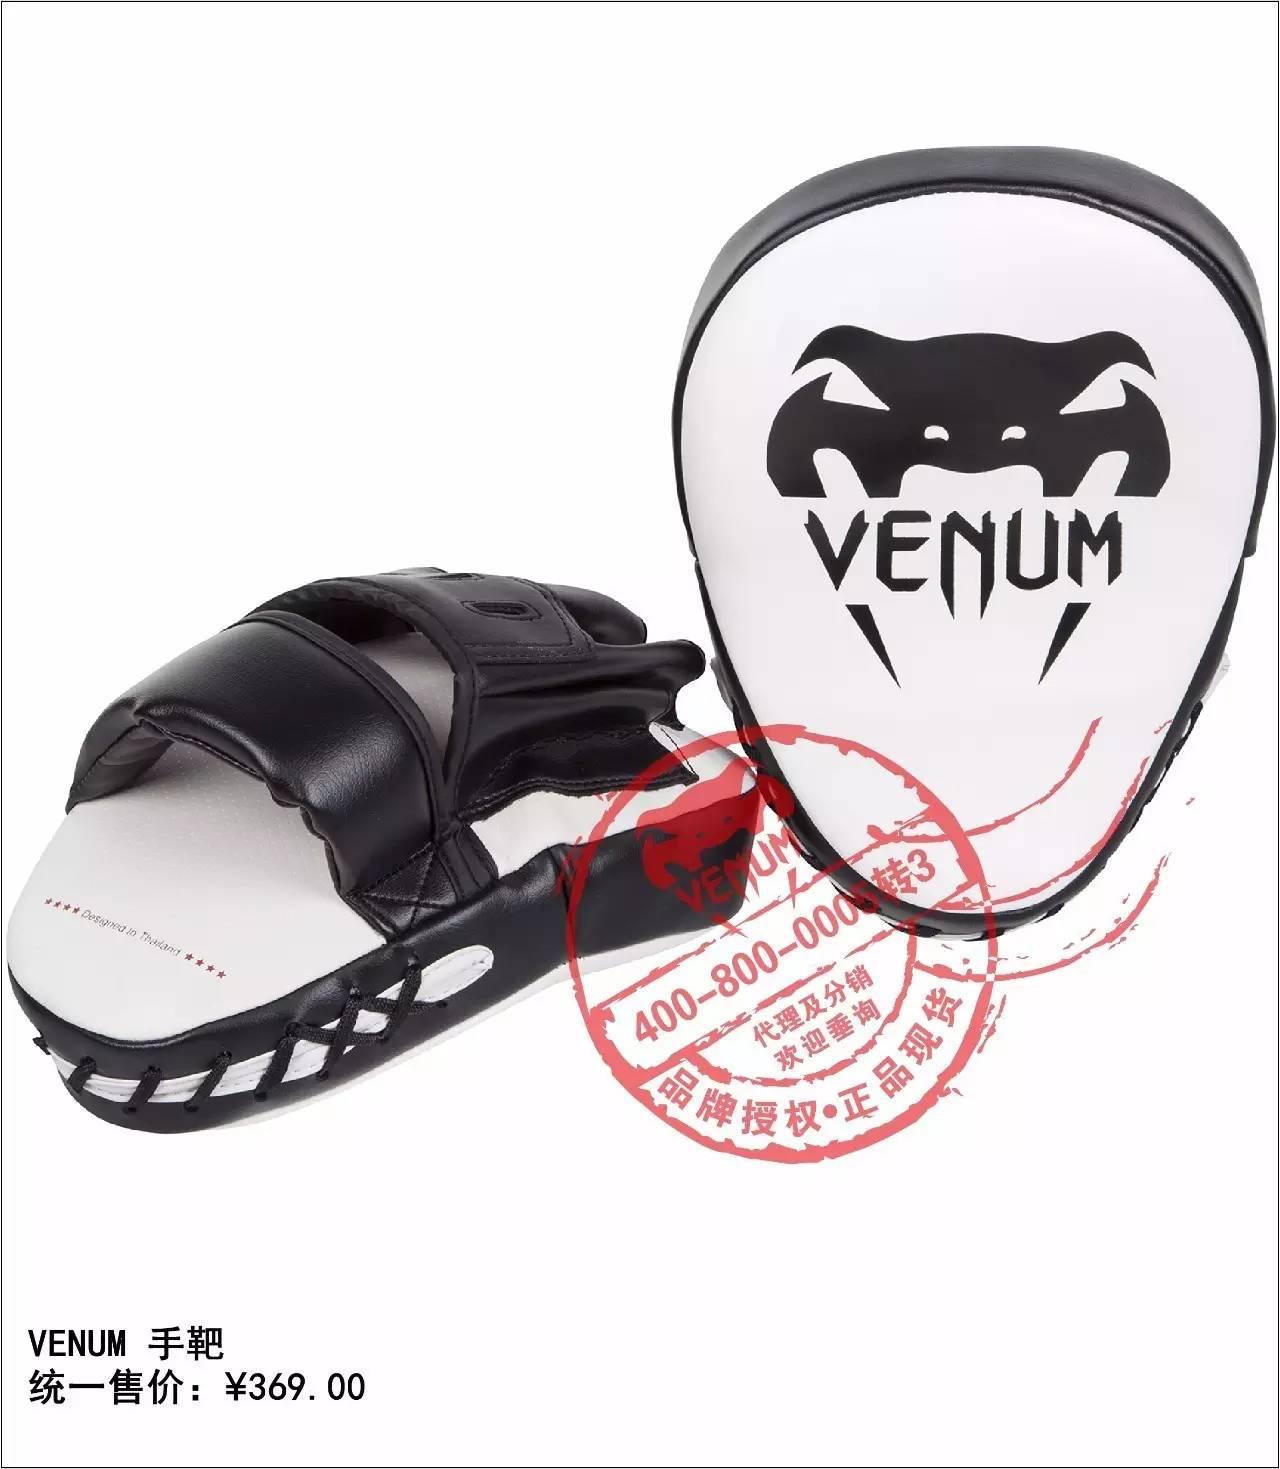 【视频】?品牌顶级格斗装备毒液Venum(组图)拳击全赵慧玲图片